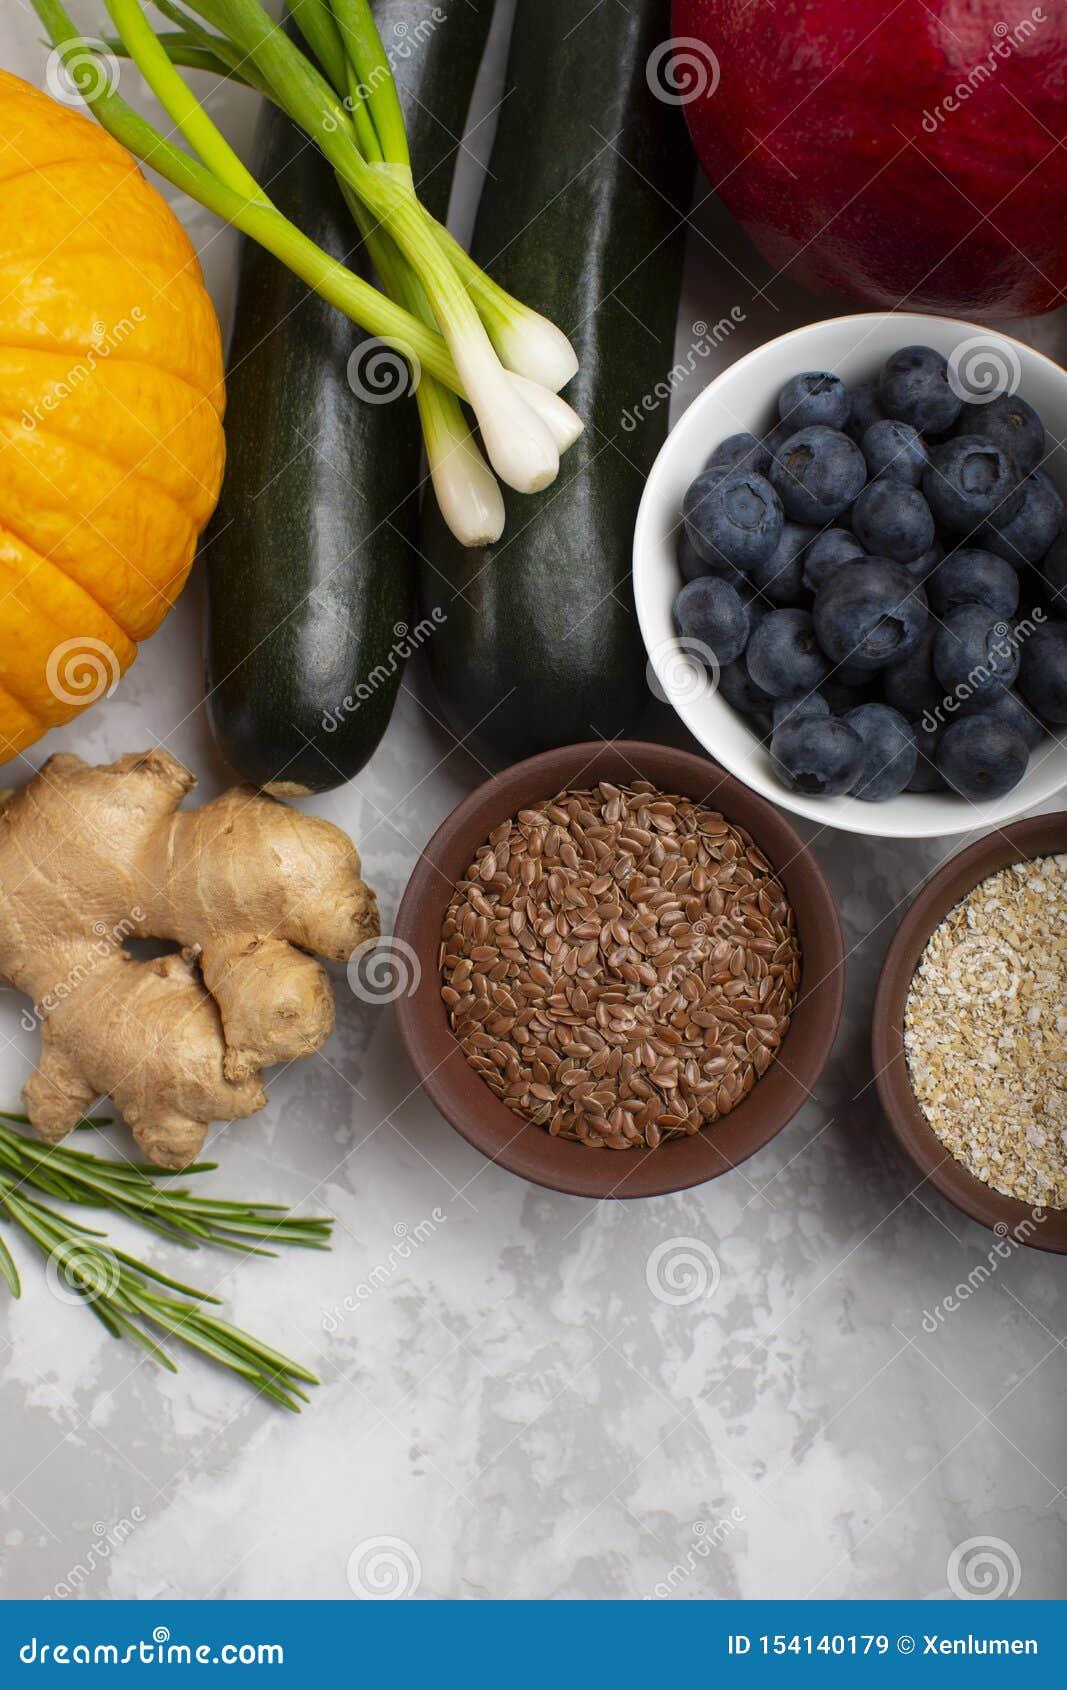 Blandning av nya sunda vegetariska ingredienser av grönsaker, frö, kli, frukt och bär på en grå cementbakgrund